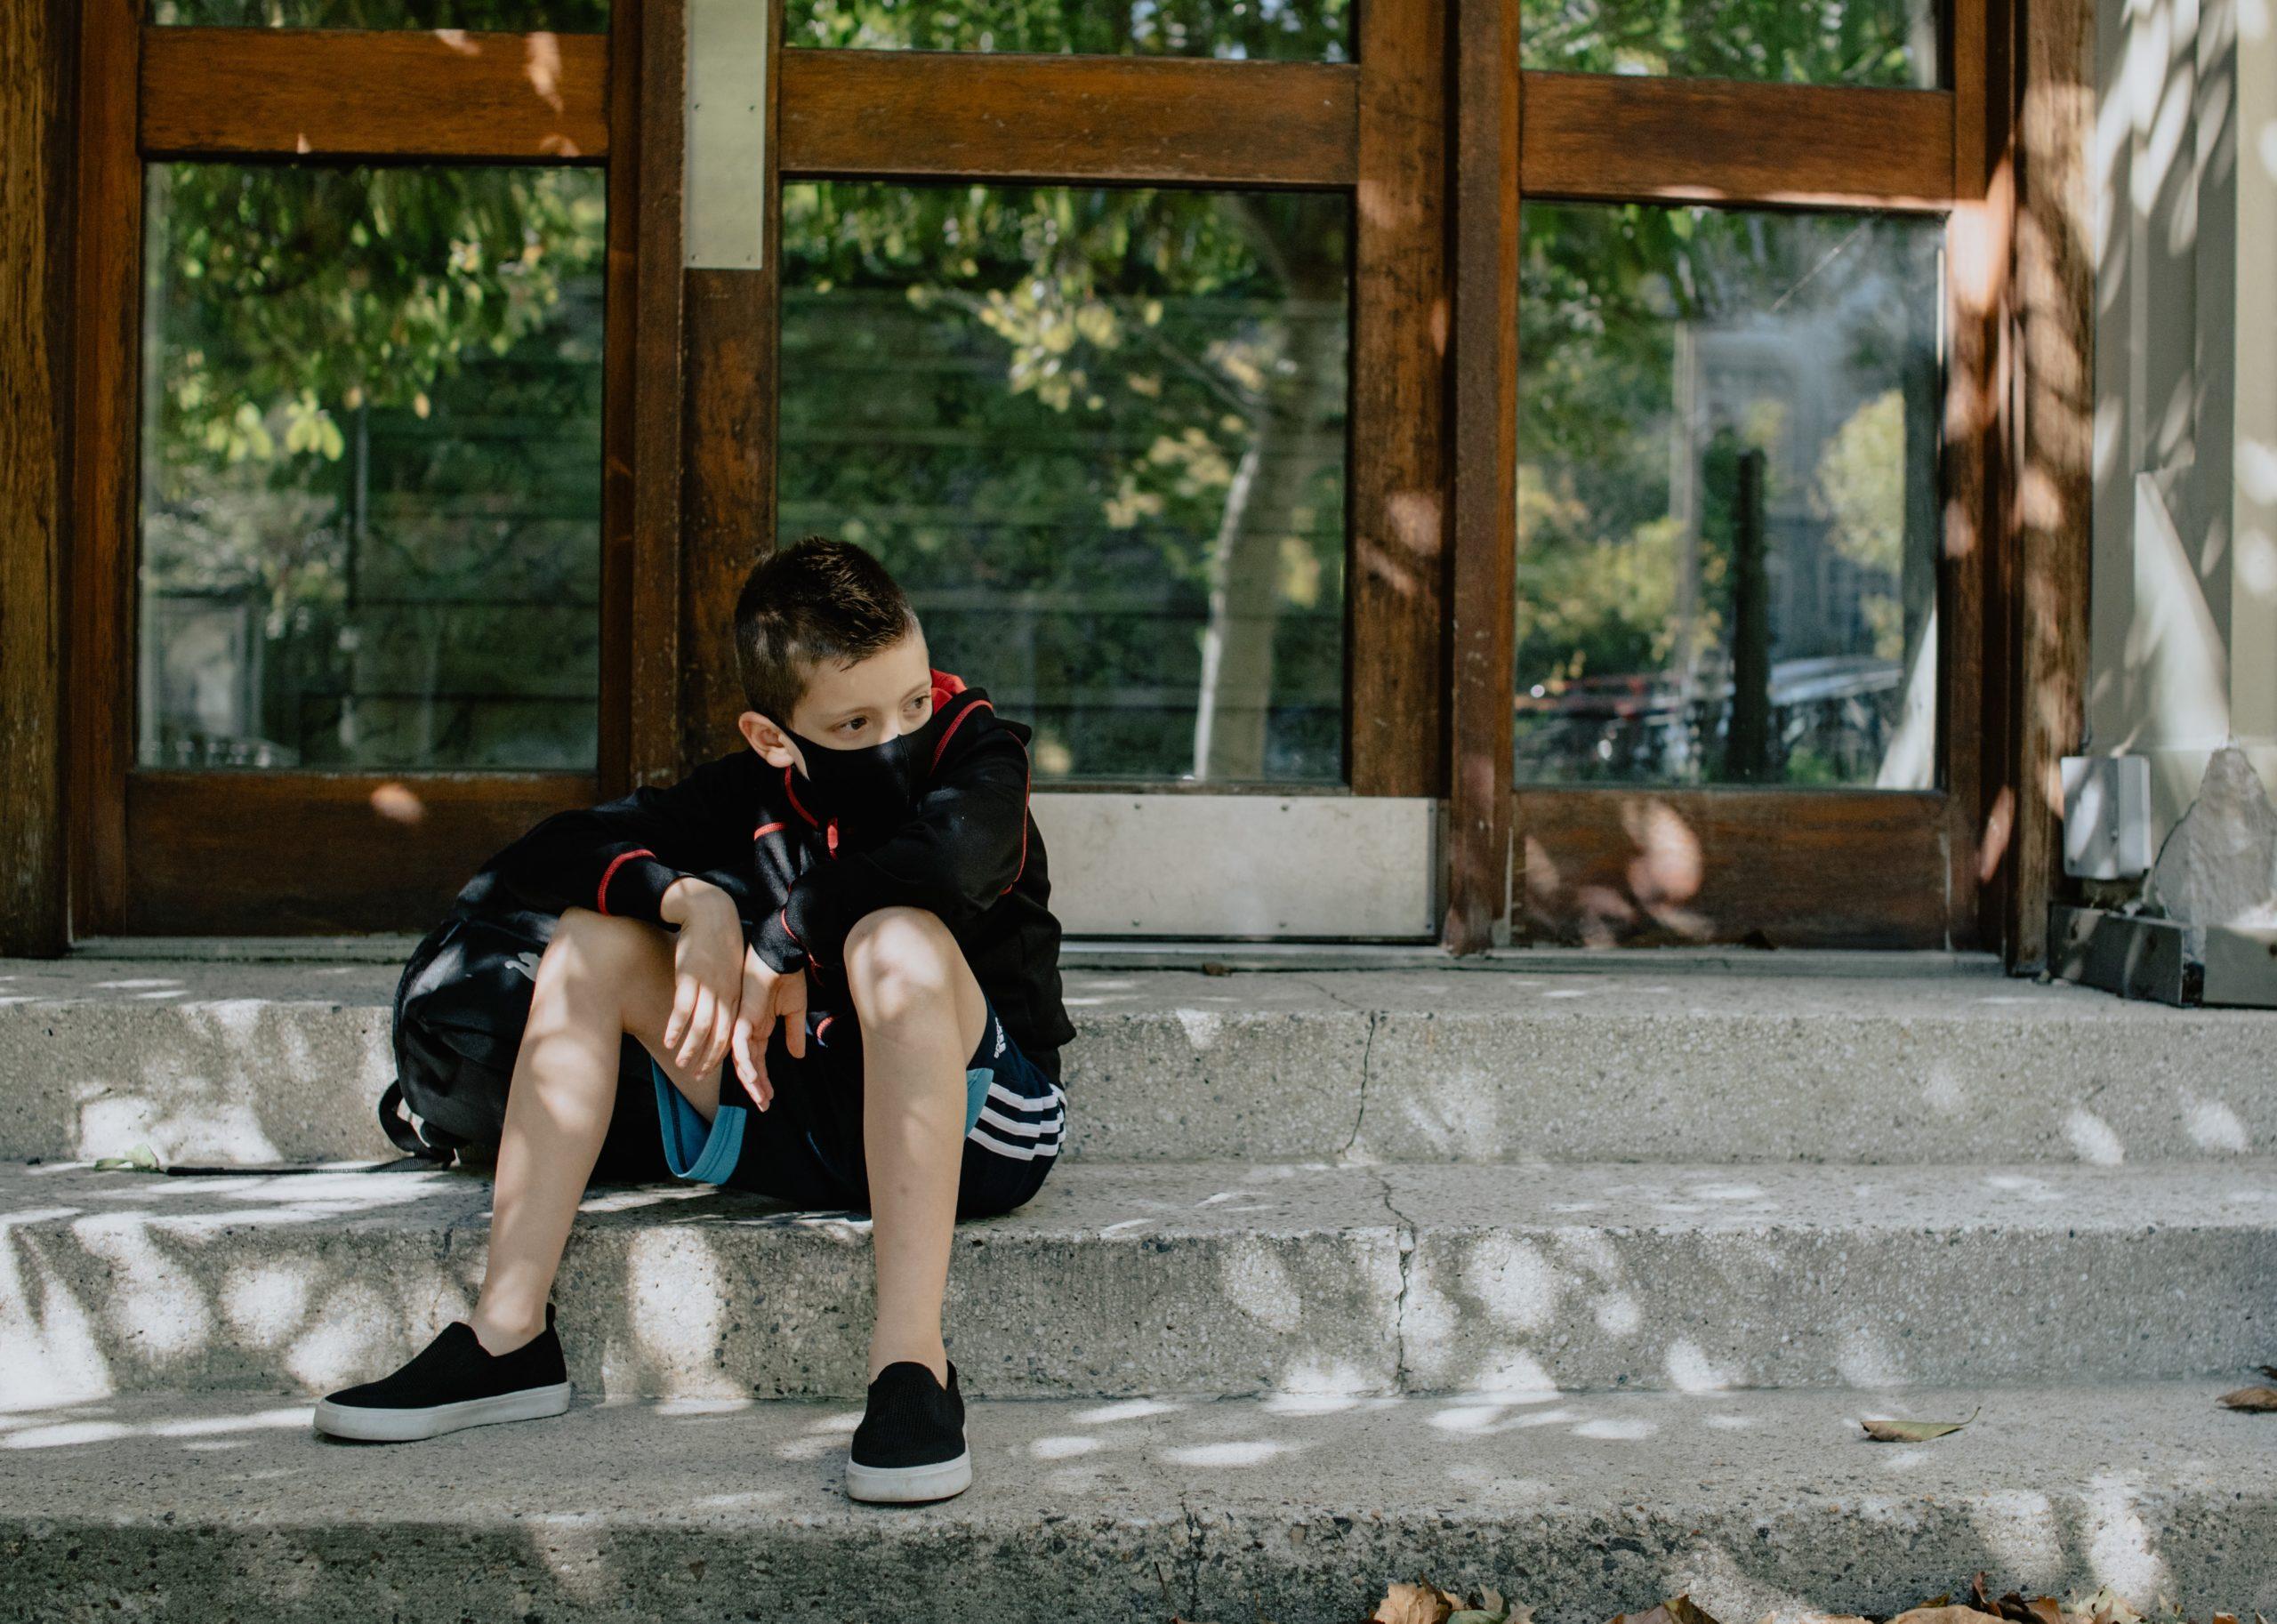 """""""Někteří žáci už ztratili motivaci a pracovní návyky. Už jen sedět v 8 ráno v lavici a naplno fungovat, pro ně bude těžké,"""" říká olomoucký ředitel Jiří Vymětal. FOTO: Unsplash"""